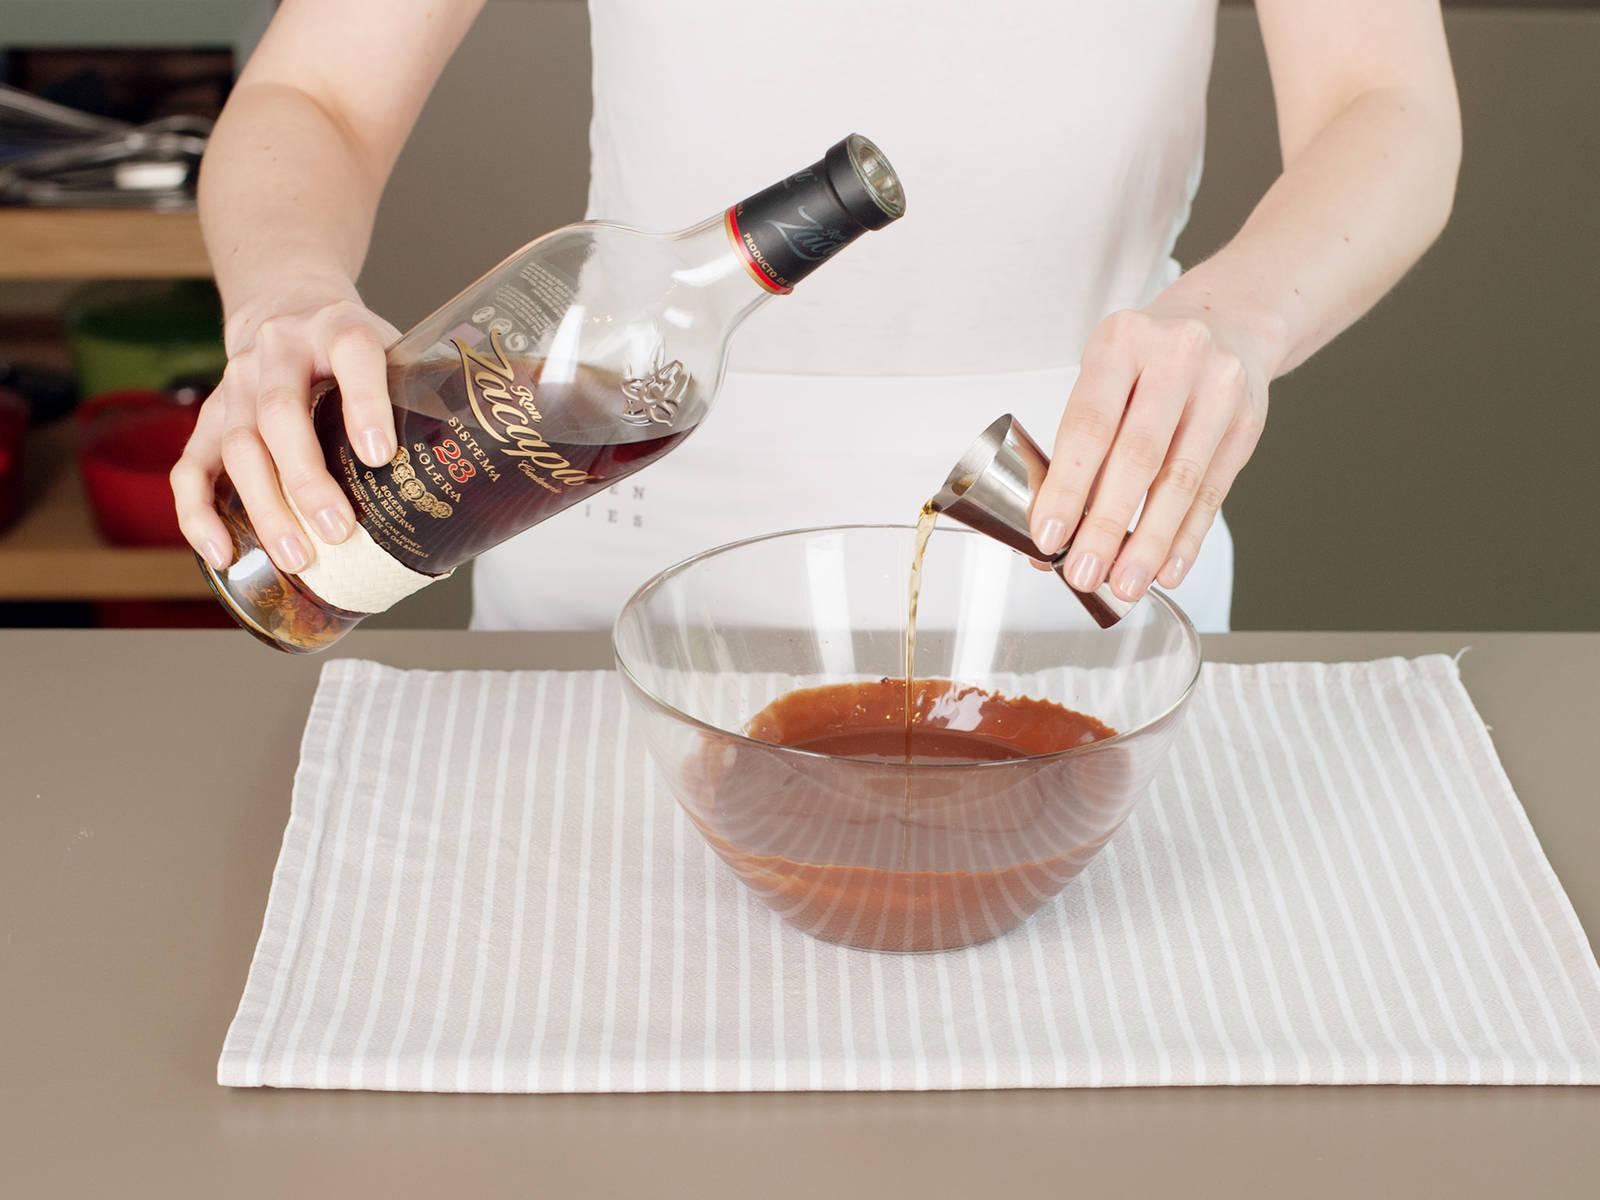 Backofen auf 150°C vorheizen. Sahne in einem kleinen Topf bei mittlerer Hitze zum Kochen bringen. Schokolade in eine große Schüssel geben und Sahne hinzugeben. Rühren, bis die Schokolade geschmolzen ist und sich mit der Sahne verbunden hat. Vor dem nächsten Schritt, mit einem Küchenthermometer sicherstellen, dass die Masse auf 35°C heruntergekühlt ist. Butter und Rum hinzufügen und rühren, bis die Ganache eine gleichmäßige Konsistenz aufweist.